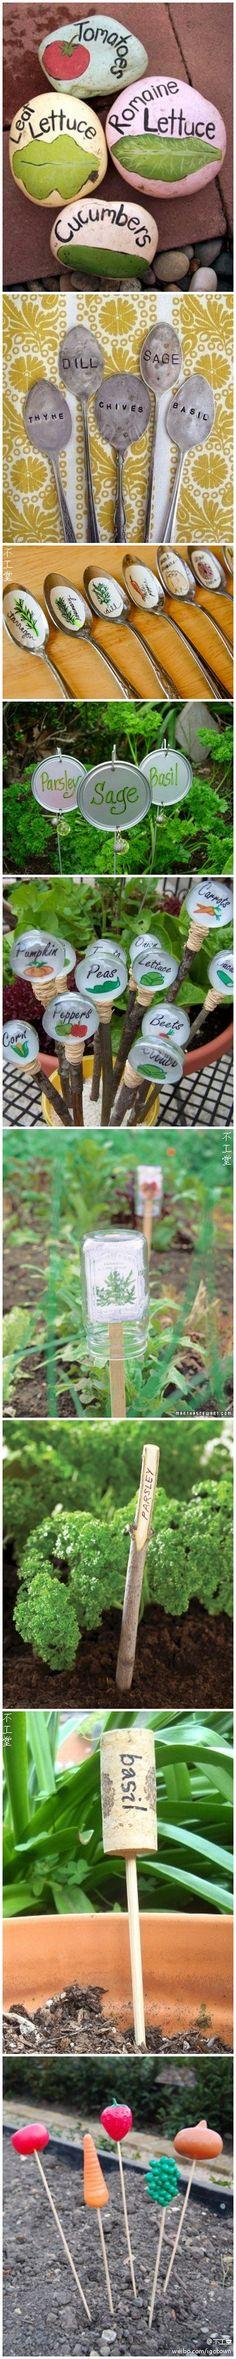 春天到了,是播种的季节,不过,种下了花花草草,却分不清哪个是哪个咋办?这里收集了一些适合DIY的种子标识牌,即好看又实用,一举两得!